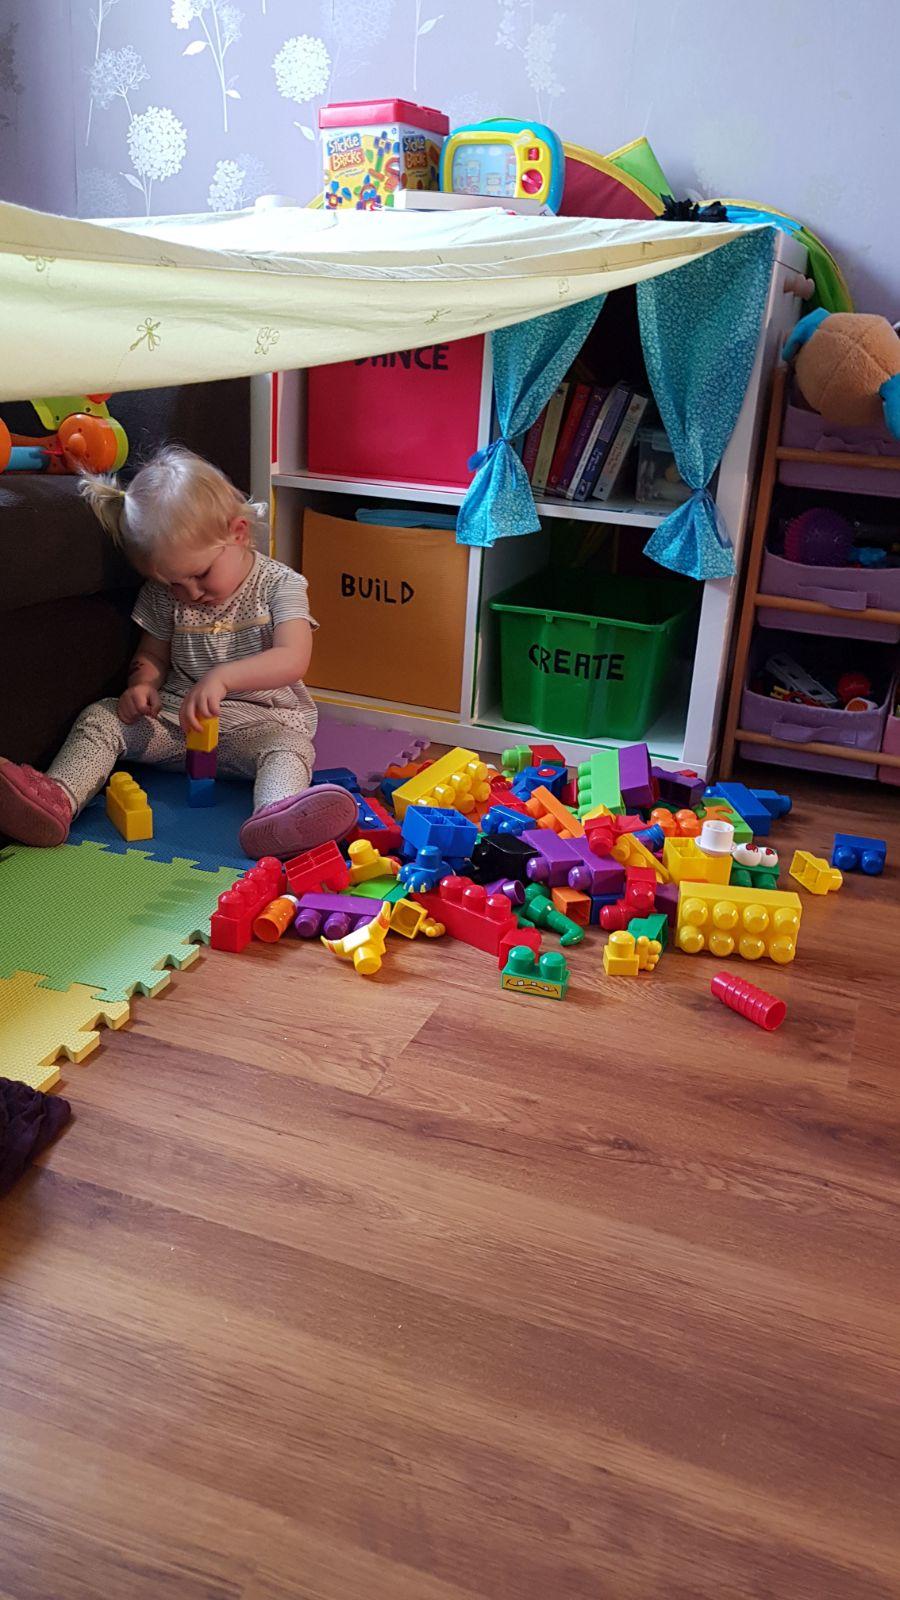 Amber creating her masterpiece in her den